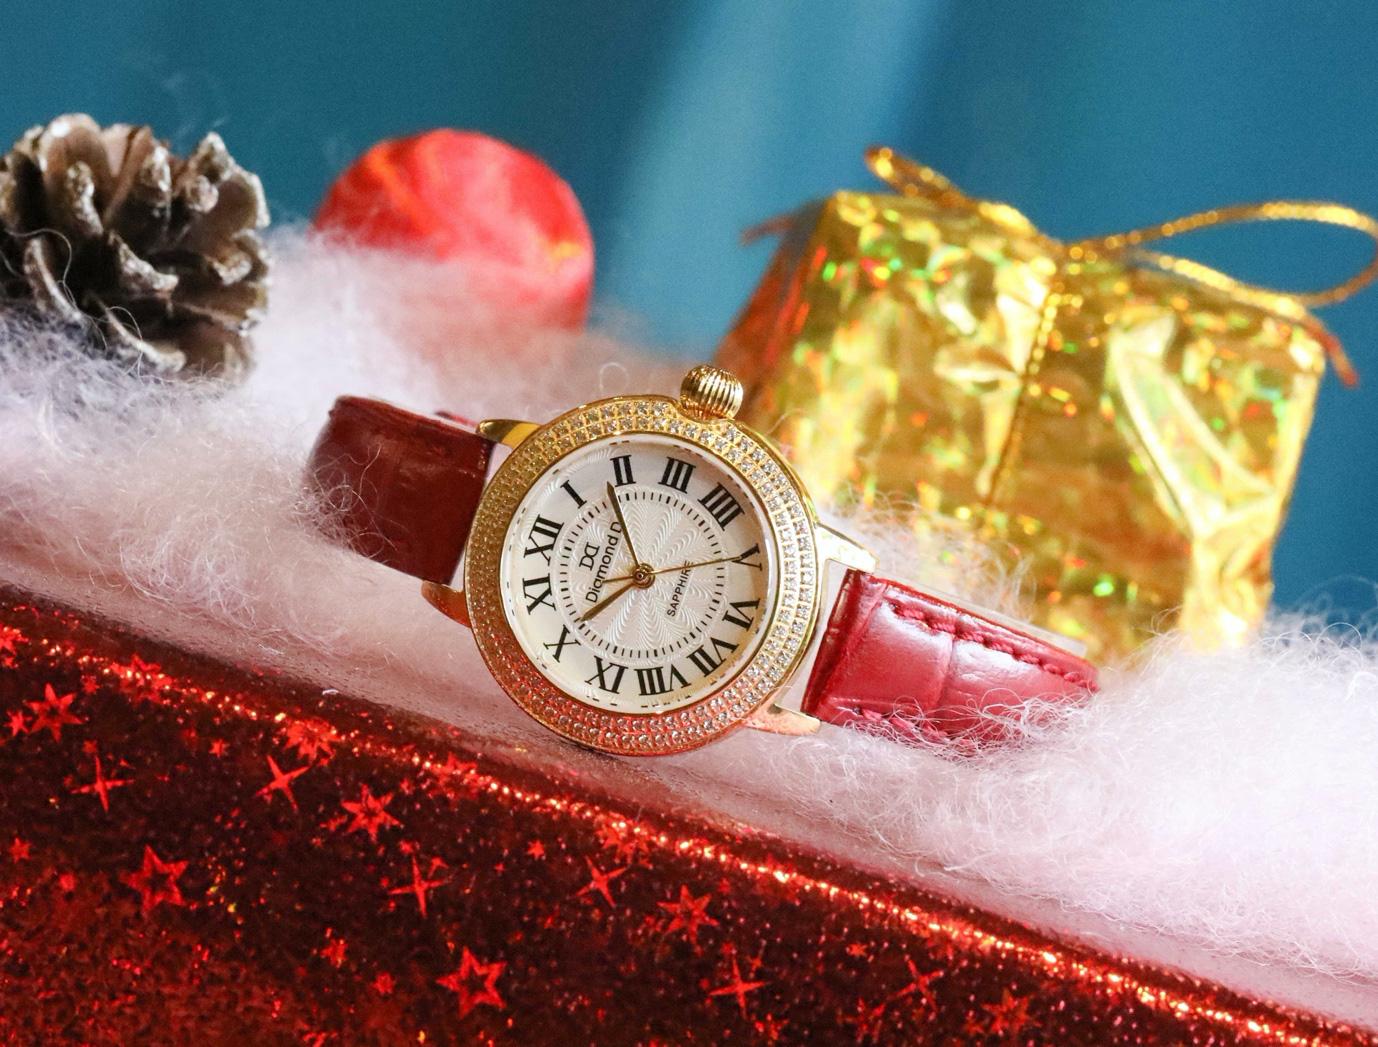 Sành điệu mùa lễ hội với đồng hồ, kính mắt chính hãng ưu đãi lên đến 50% tại Đăng Quang Watch - Ảnh 3.